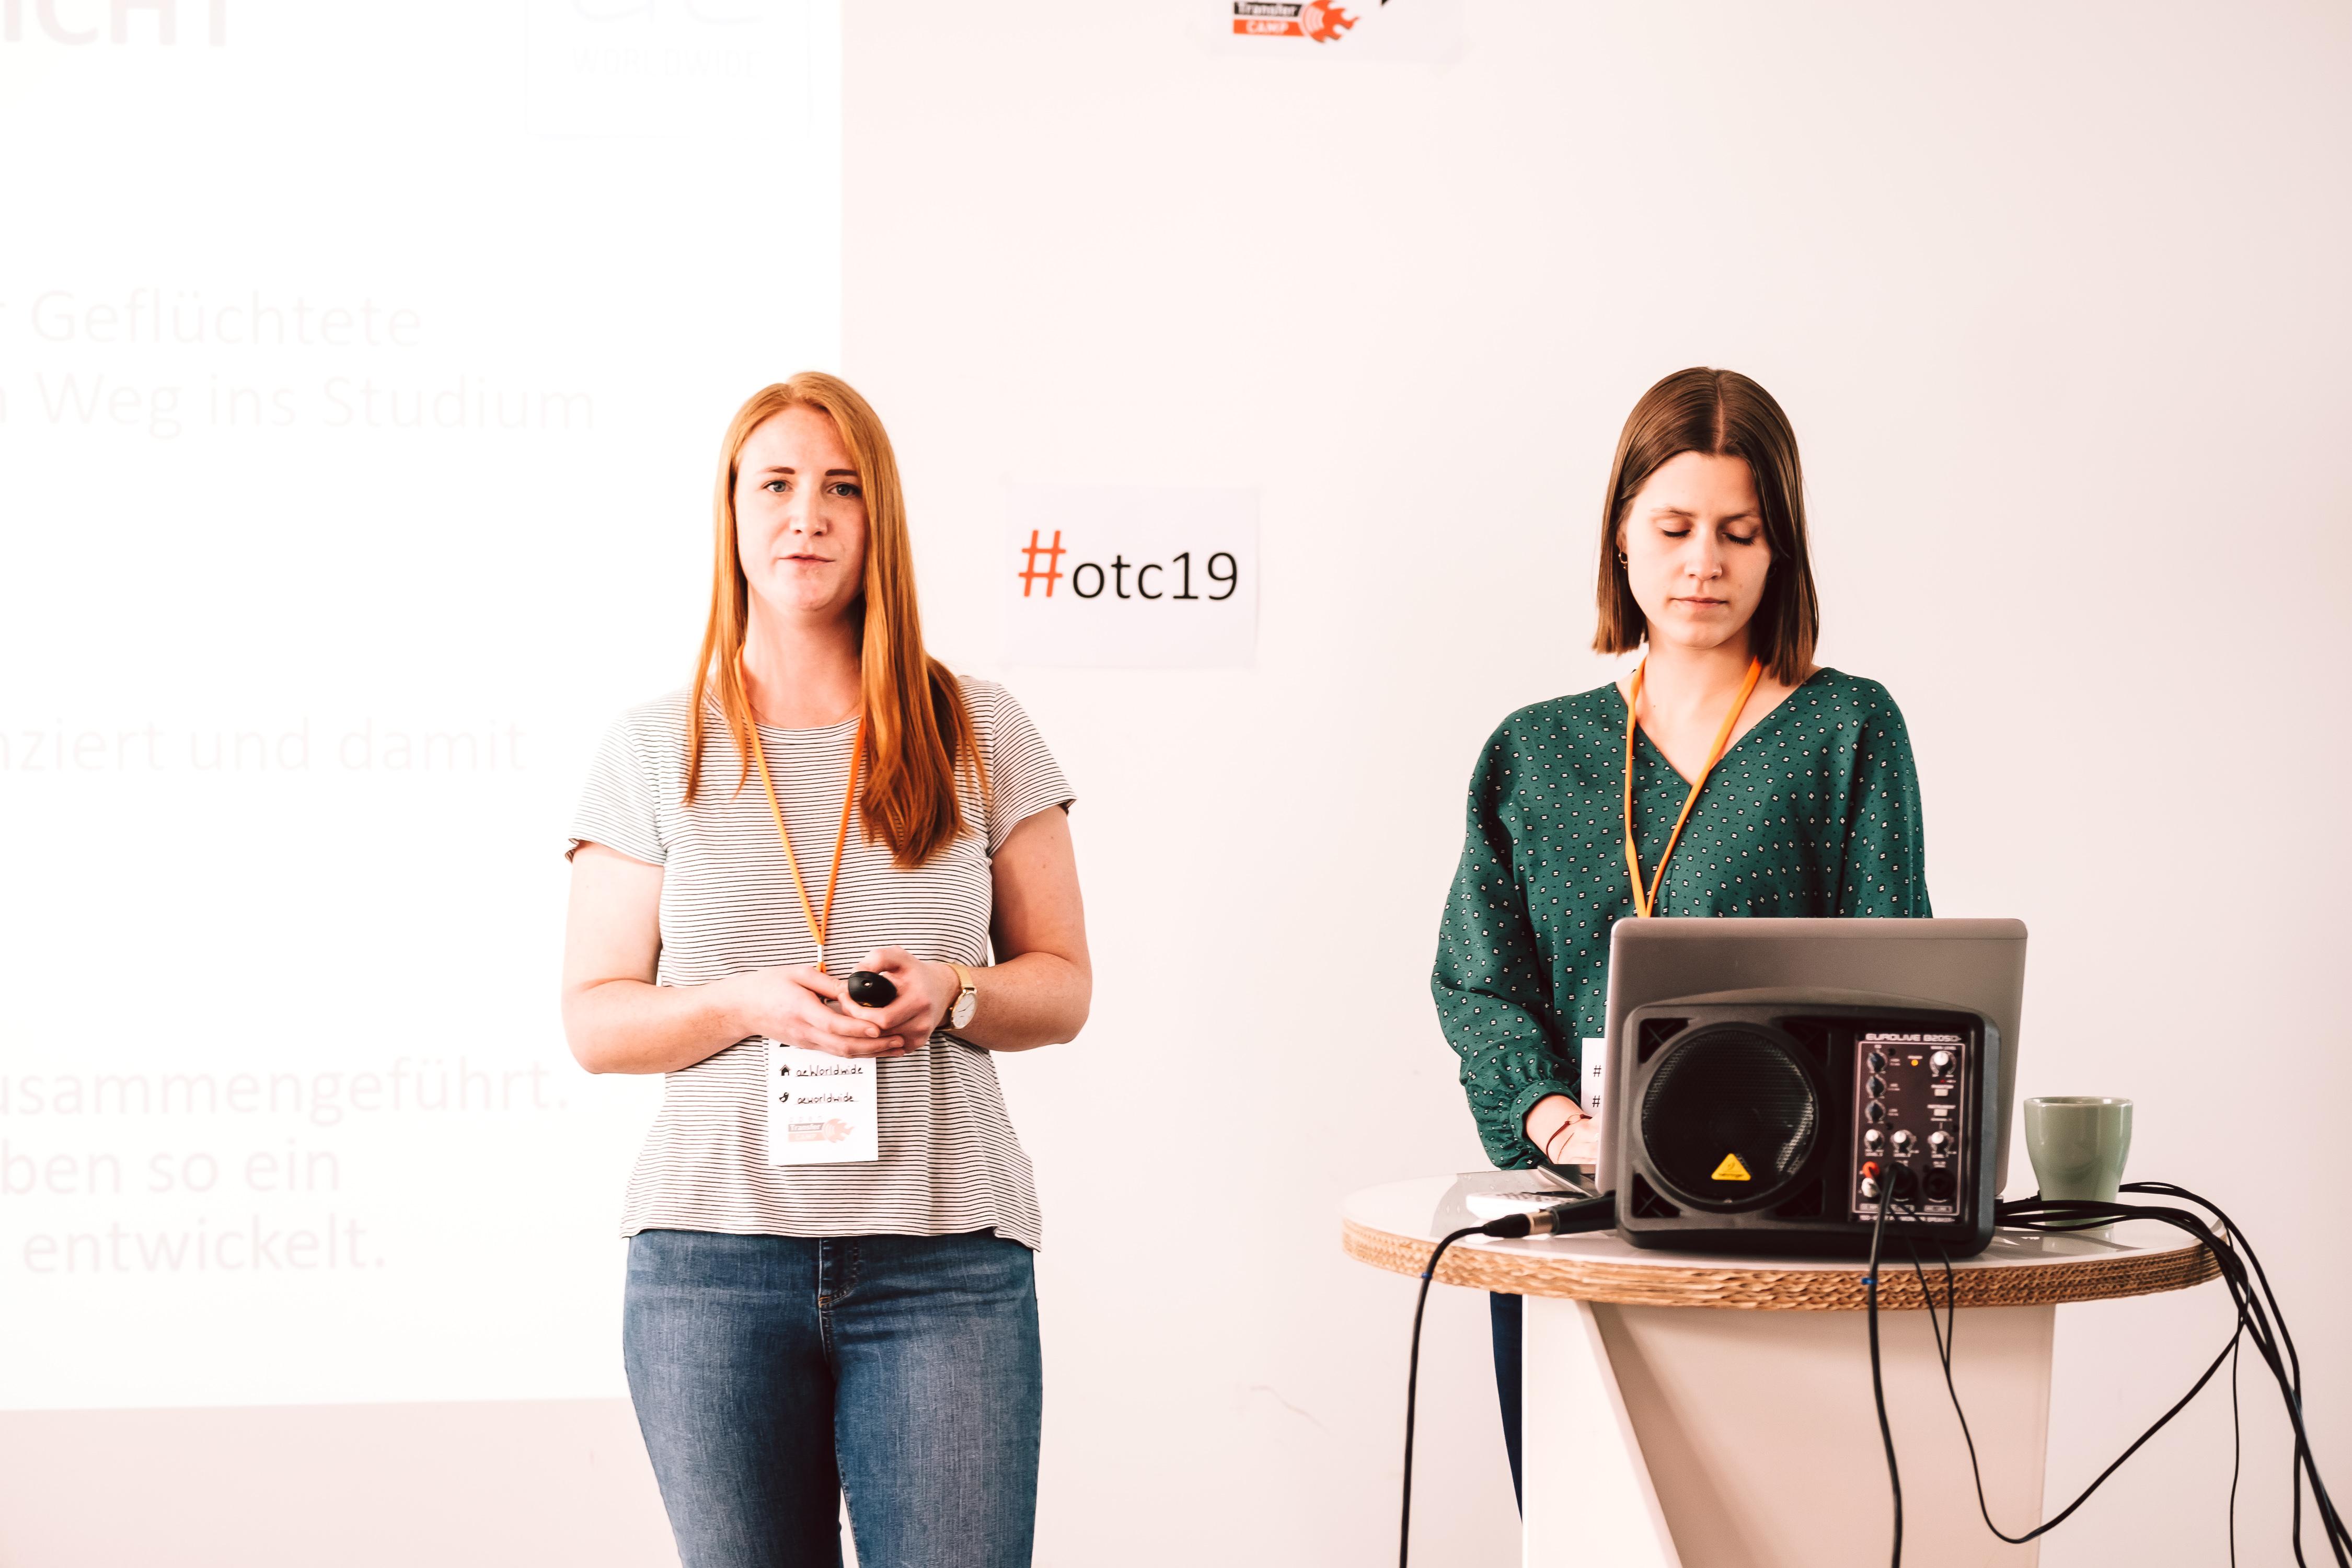 Zwei Frauen stehen vor einer weißen Wand mit dem hashtag #otc19.